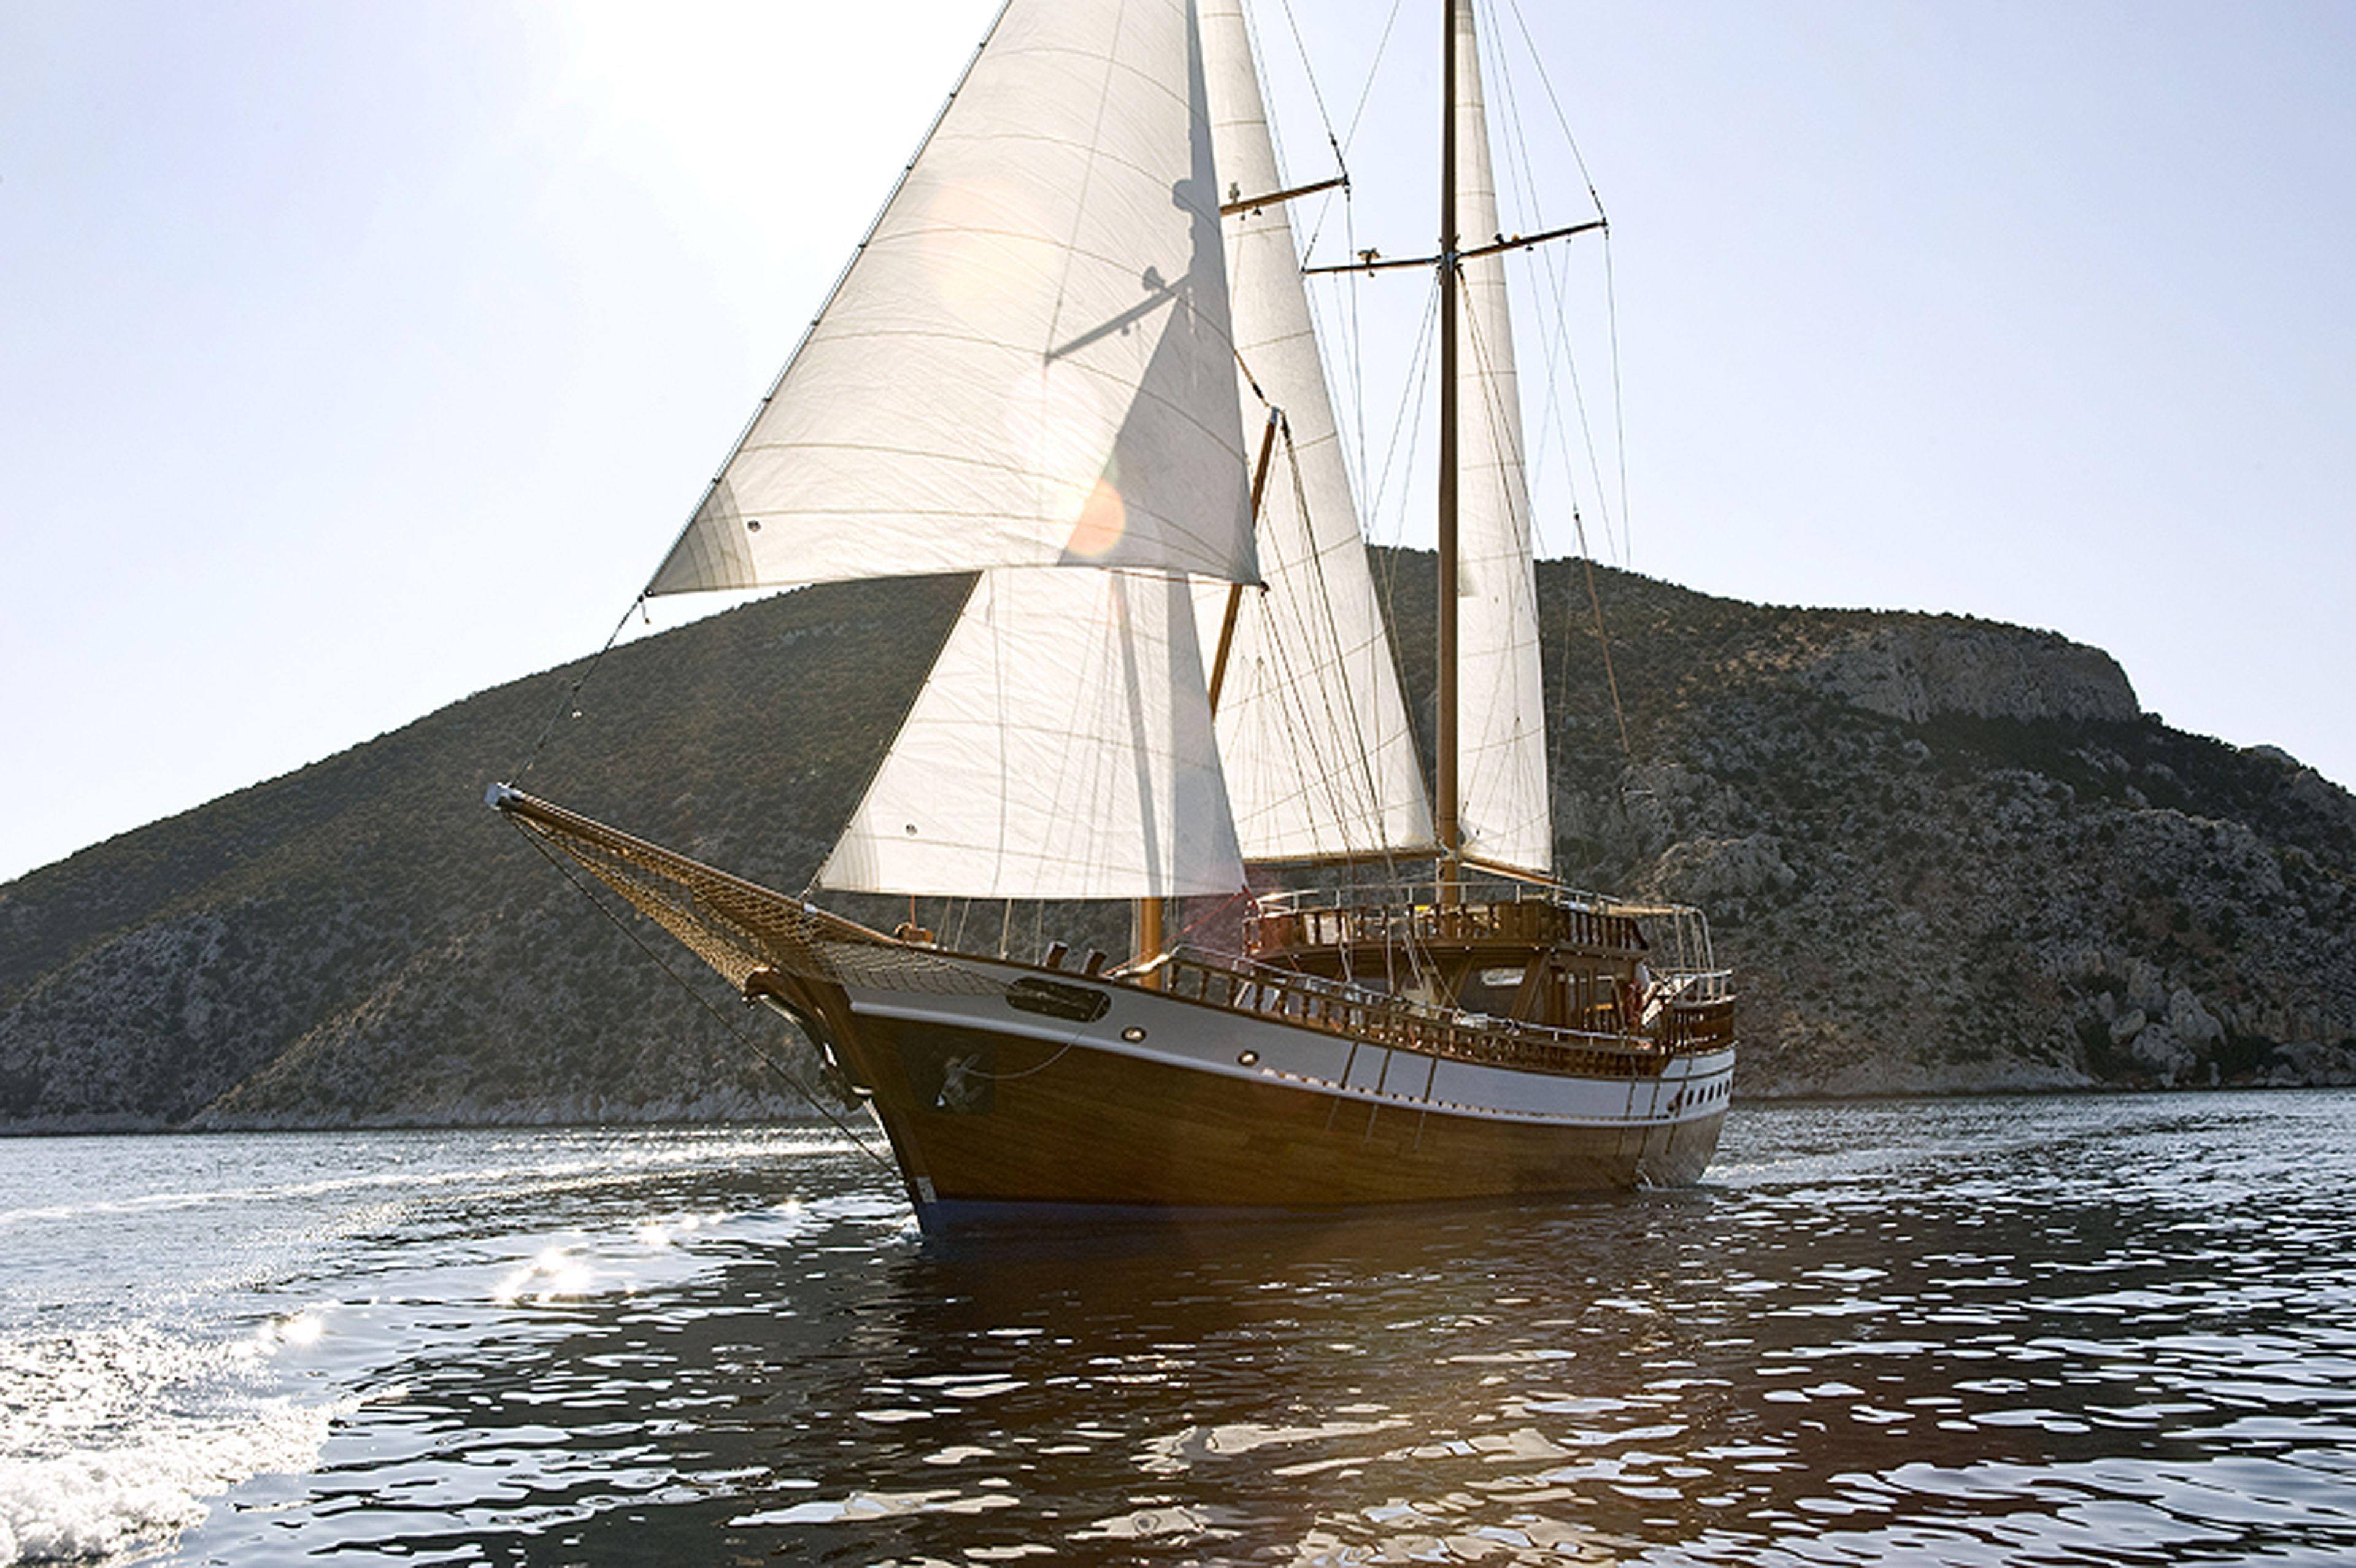 Full Day Tour & Sailing to Agistri,Moni & Aegina from Athens